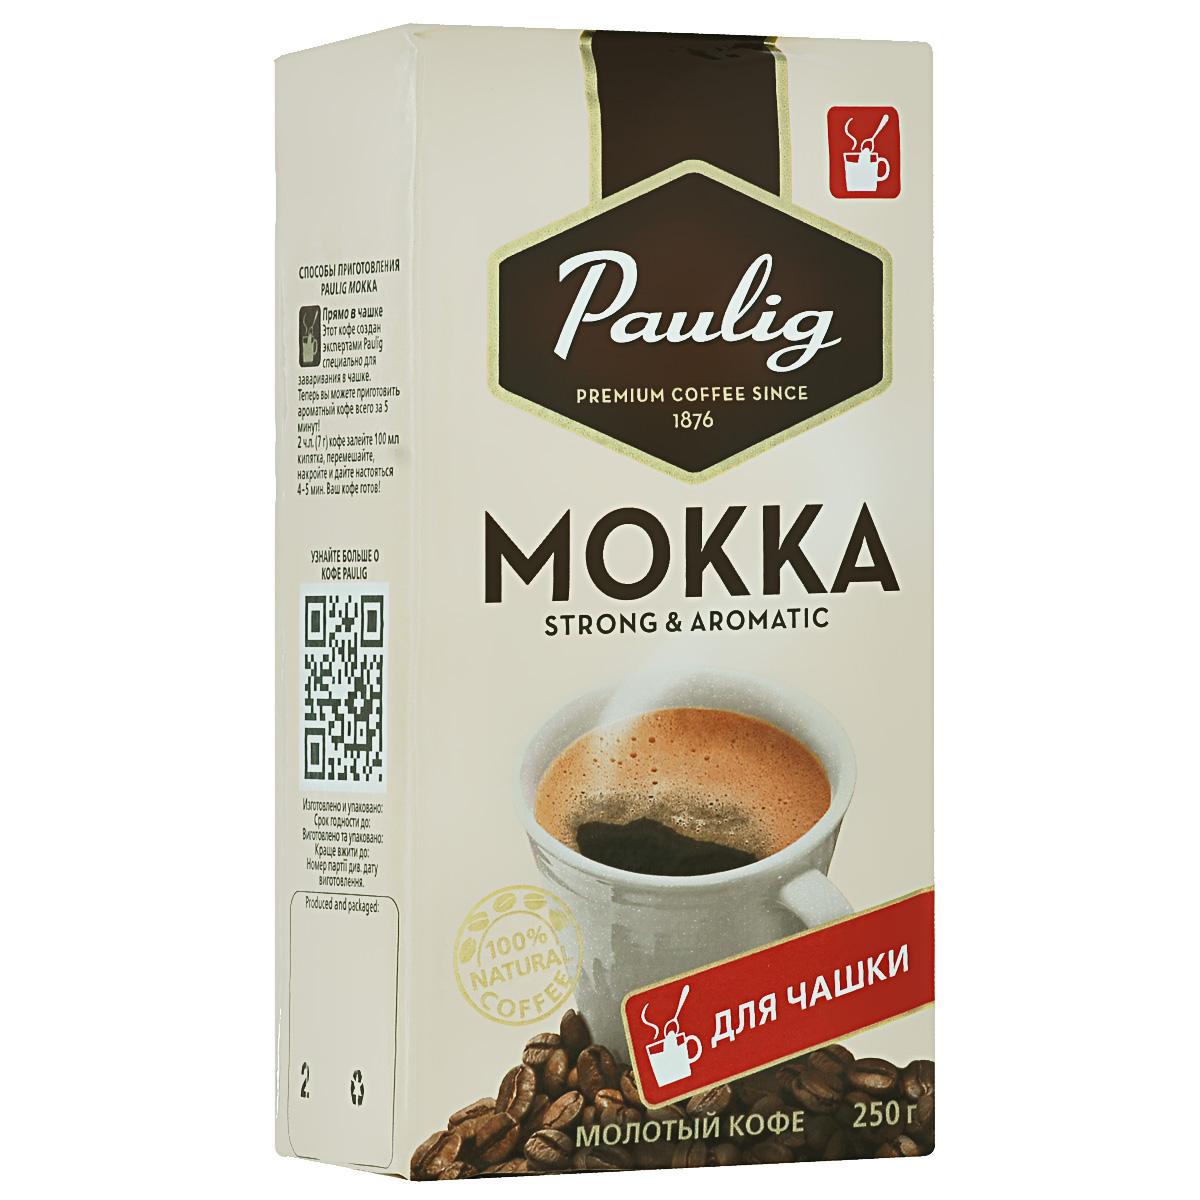 Paulig Mokka кофе молотый для заваривания в чашке, 250 г16672/16335